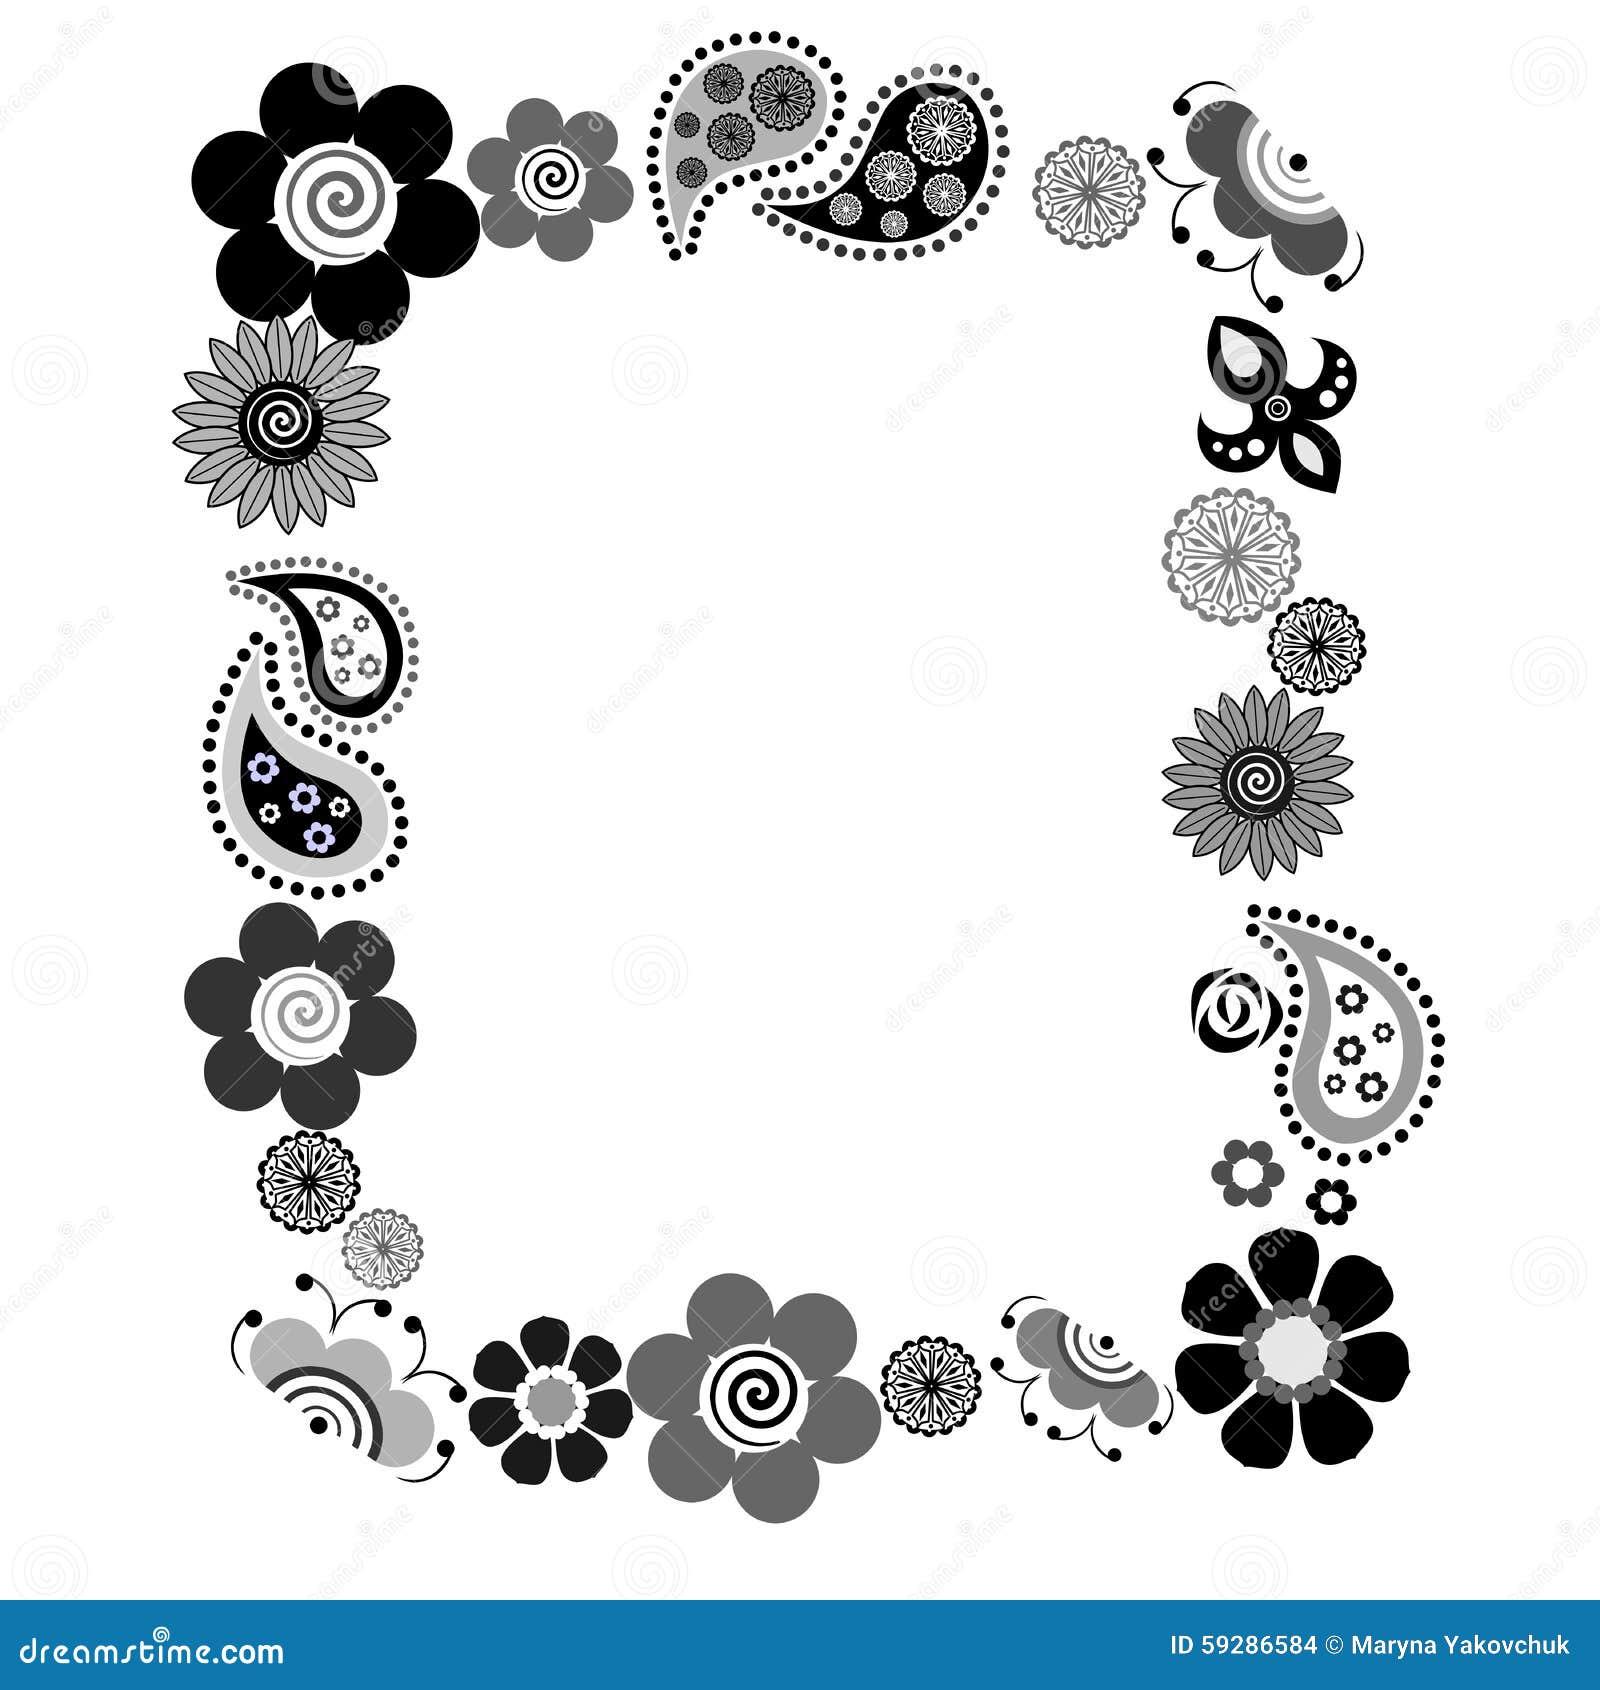 Flowers Frame Black Stock Vector Illustration Of Ethnic 59286584